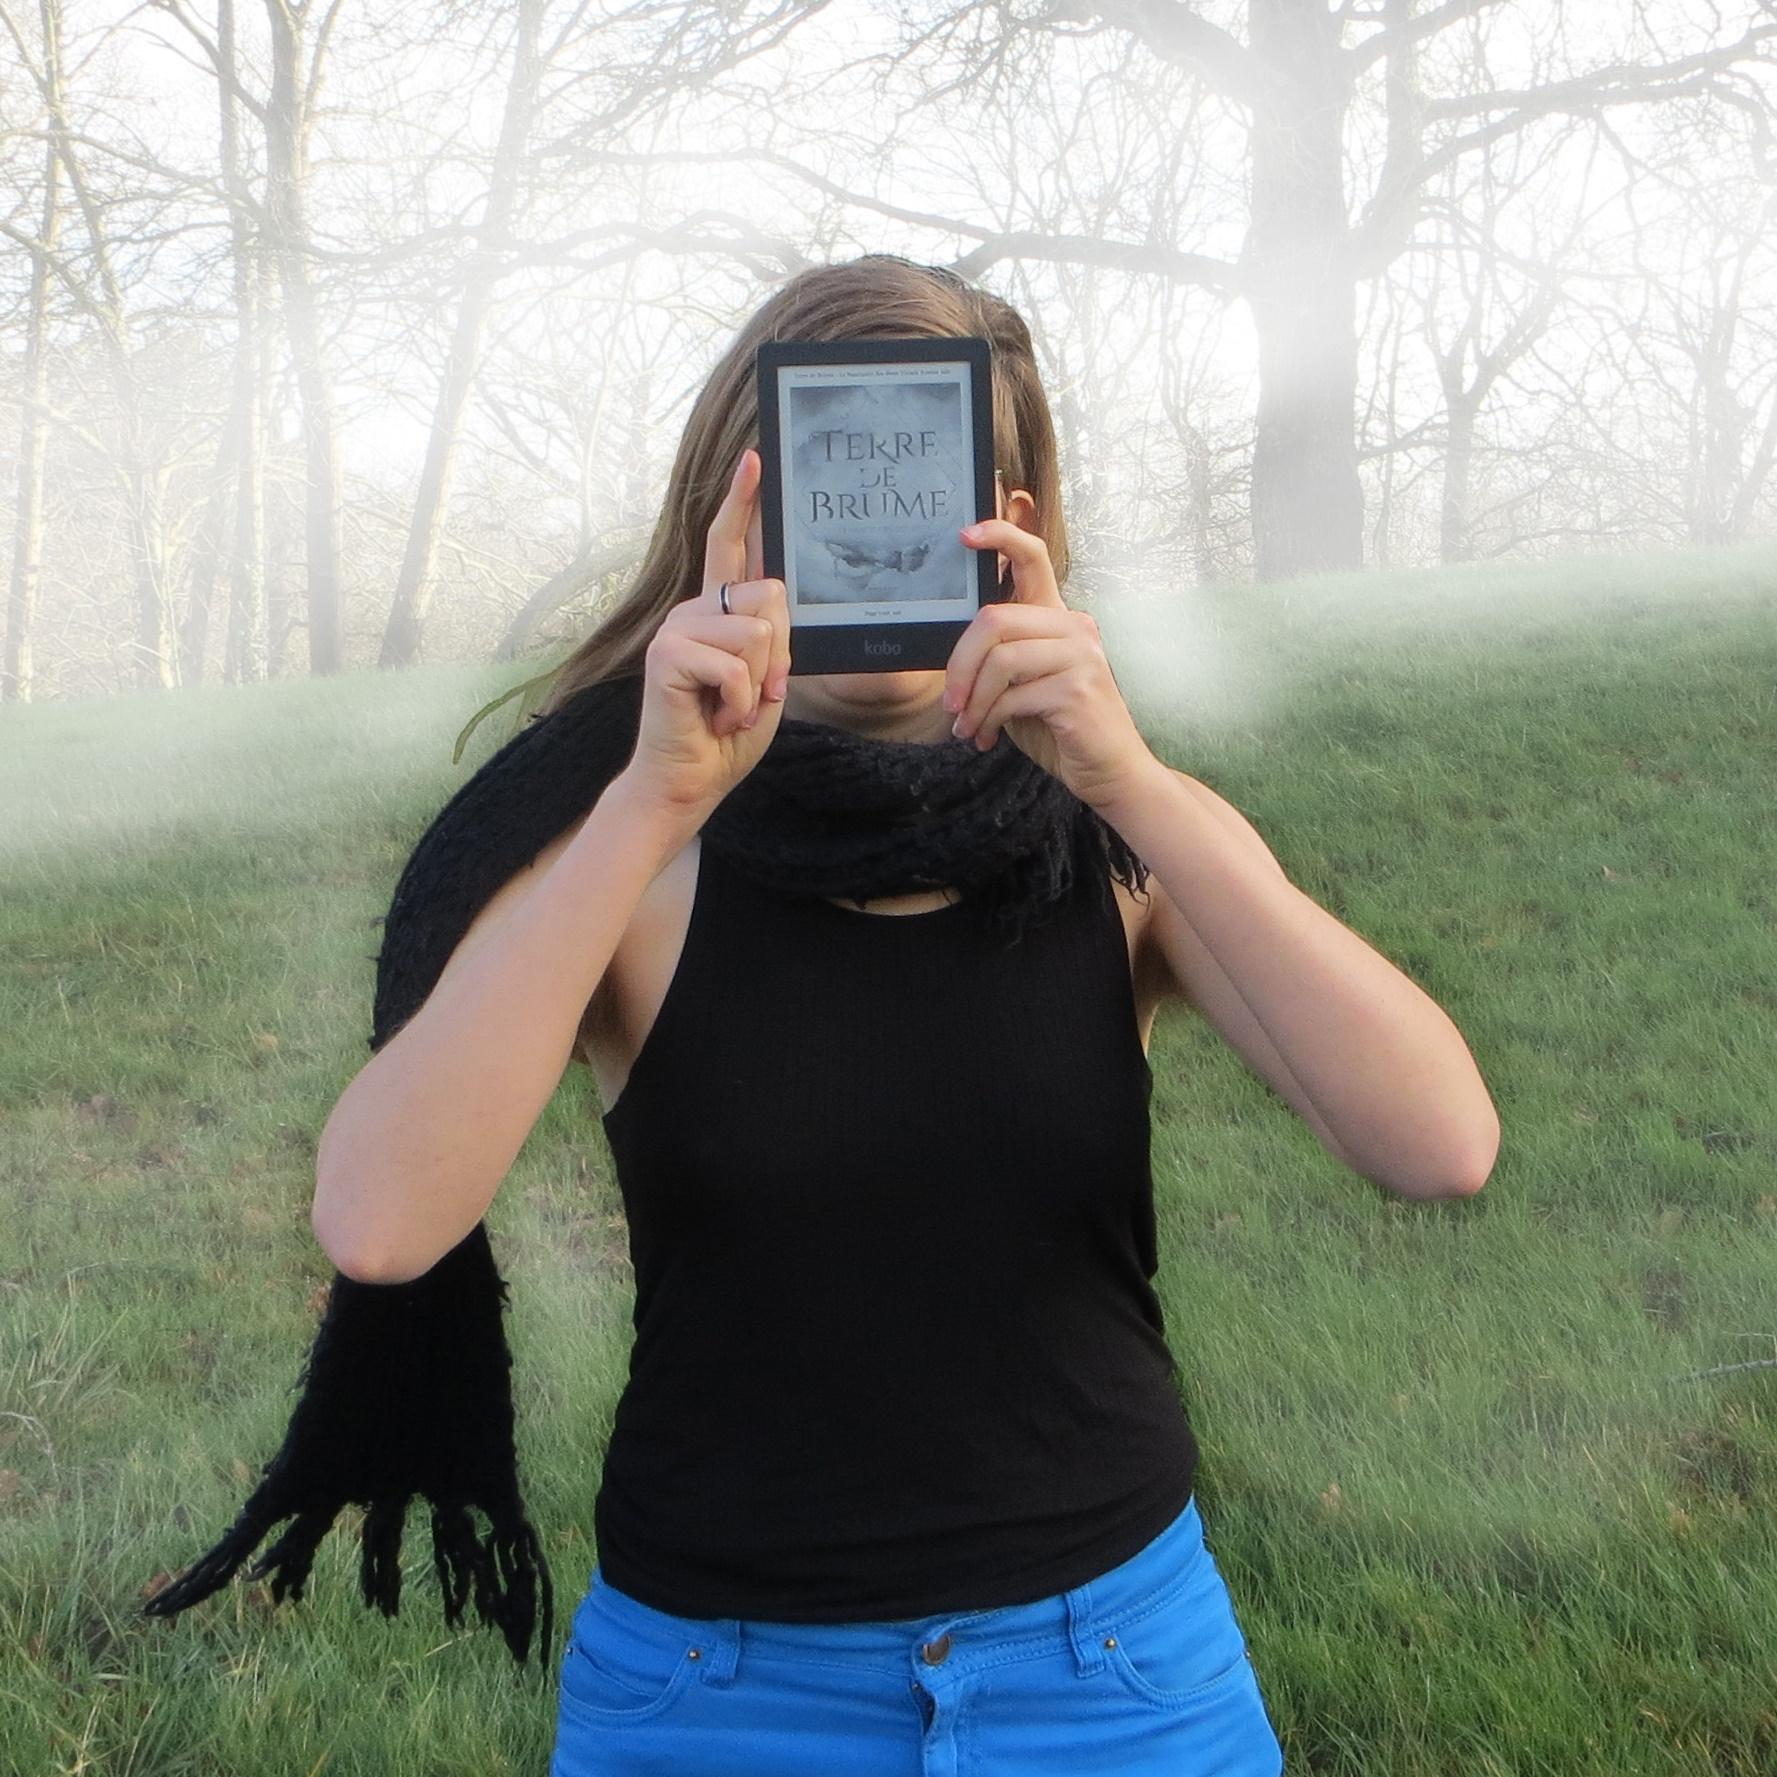 femme en débardeur noir brandissant une liseuse avec la couverture de Terre de Brume, il y a du brouillard et du vent